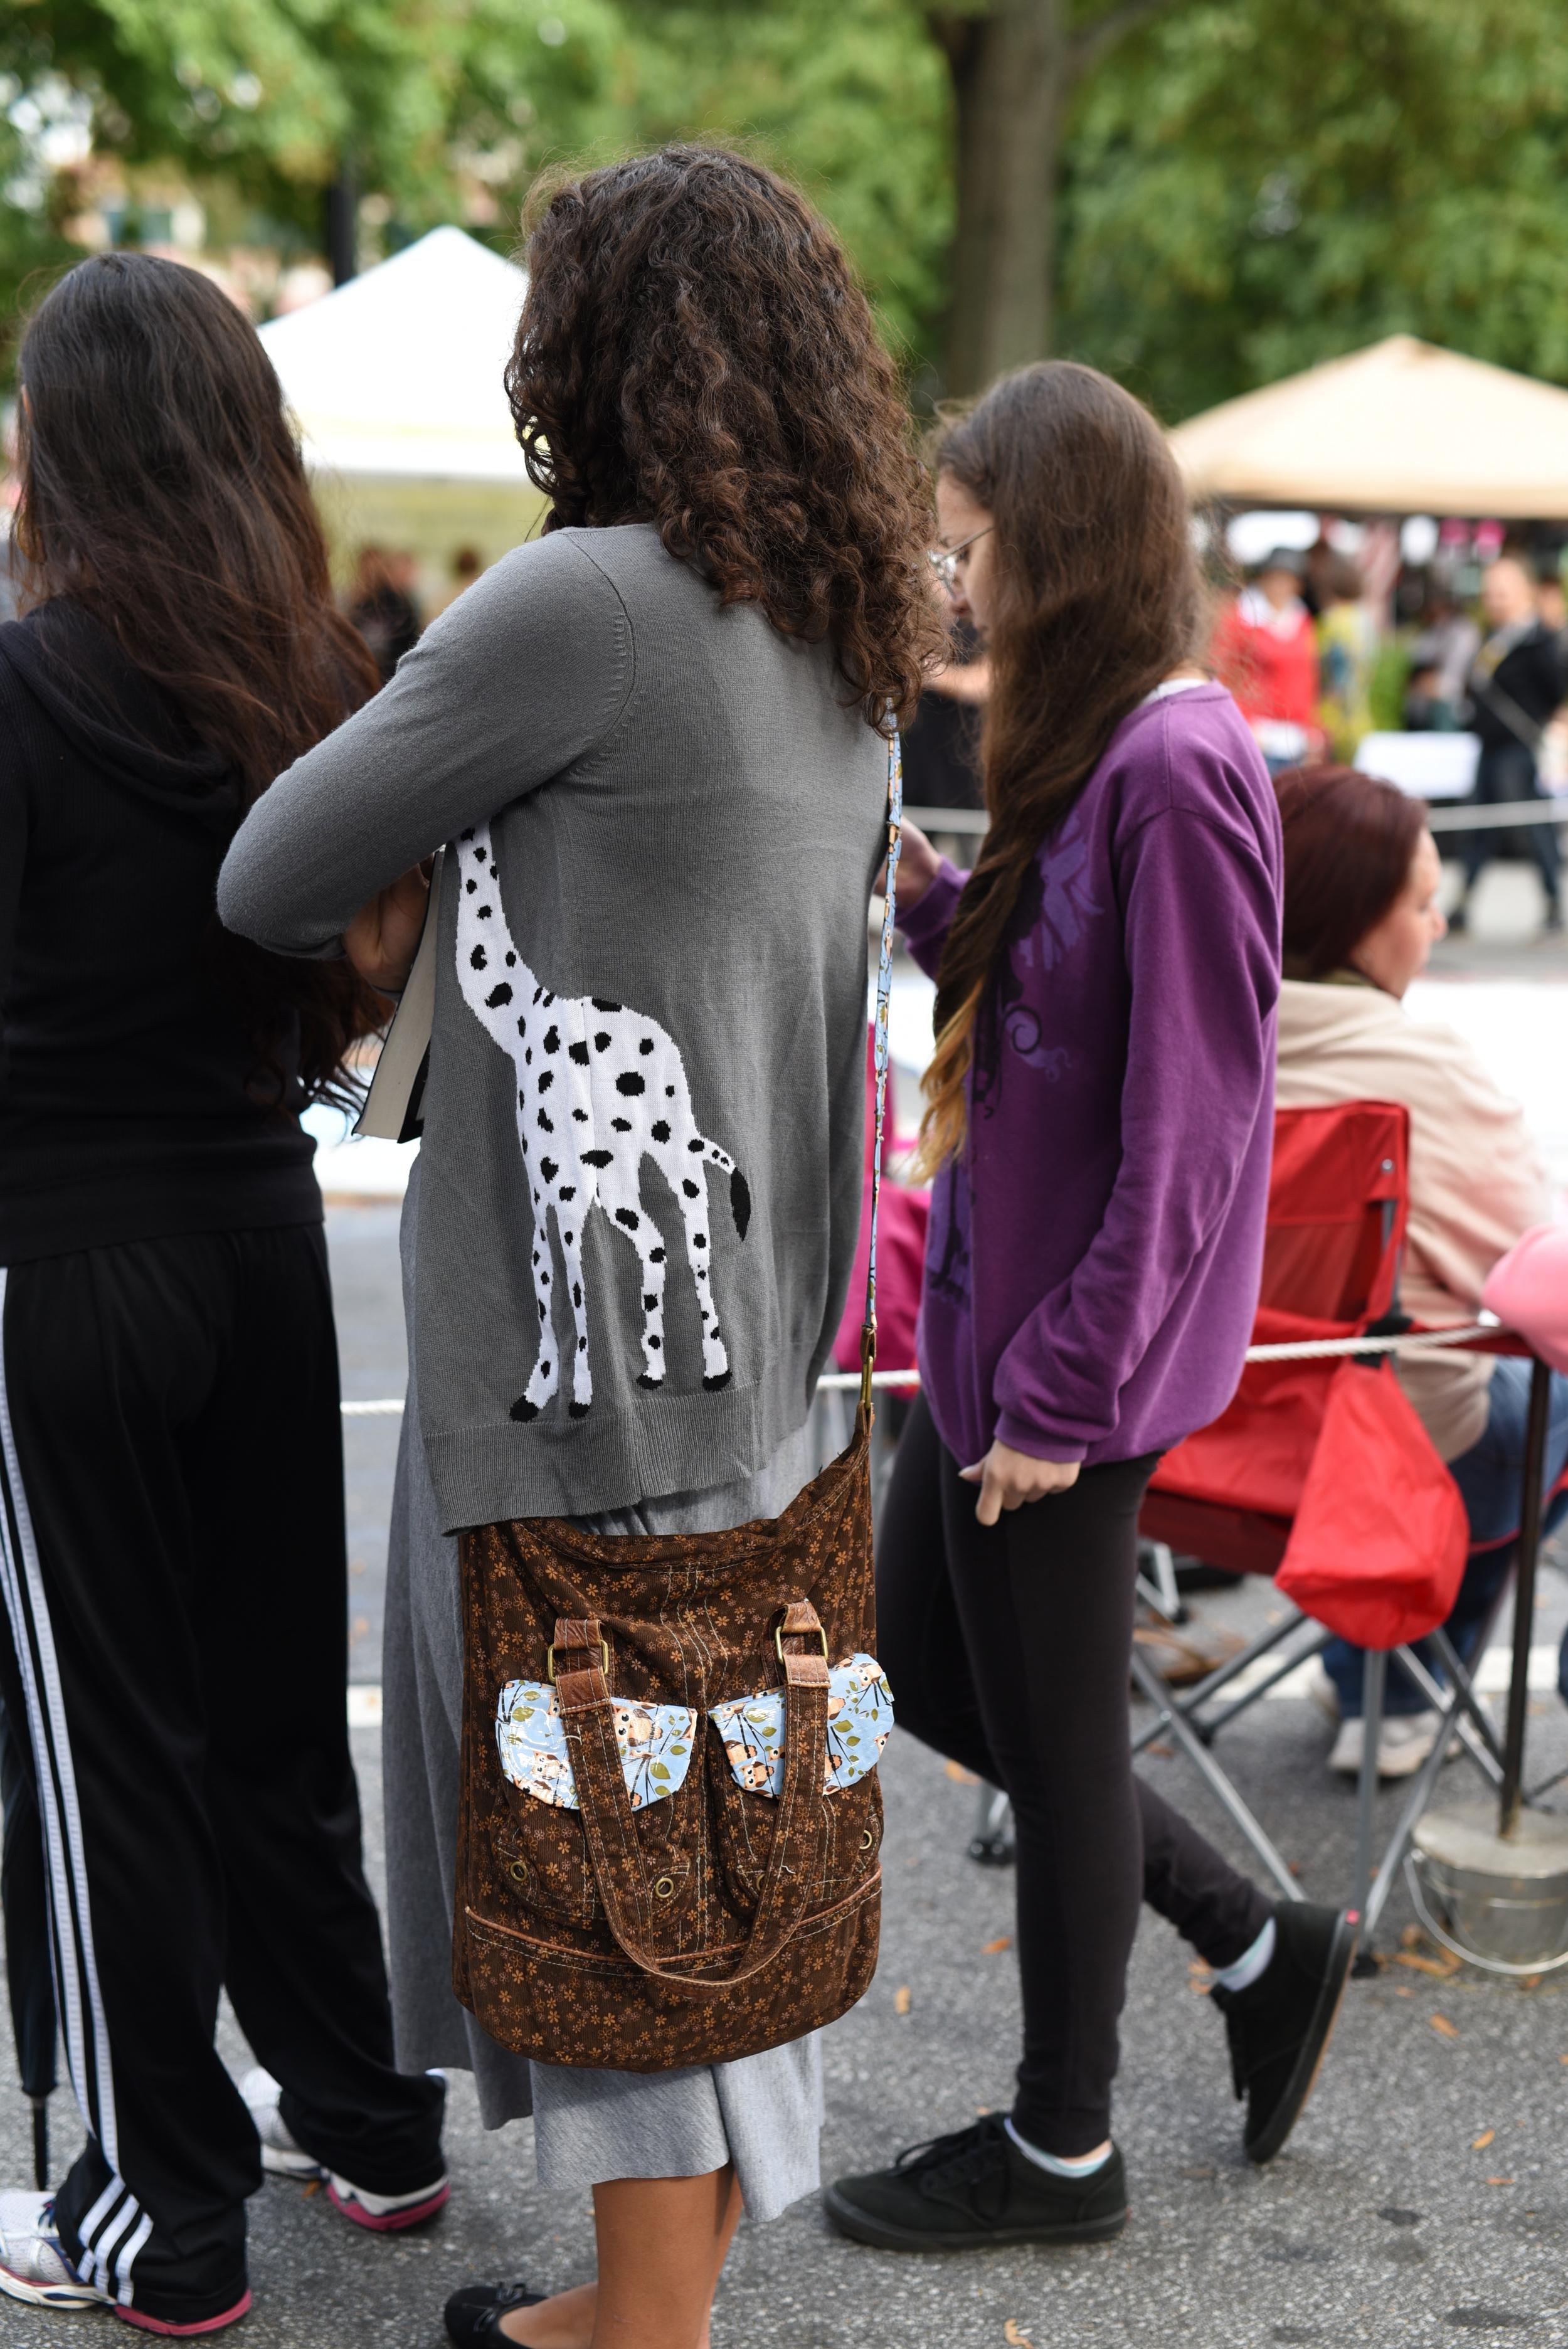 giraffe-sweater.jpg